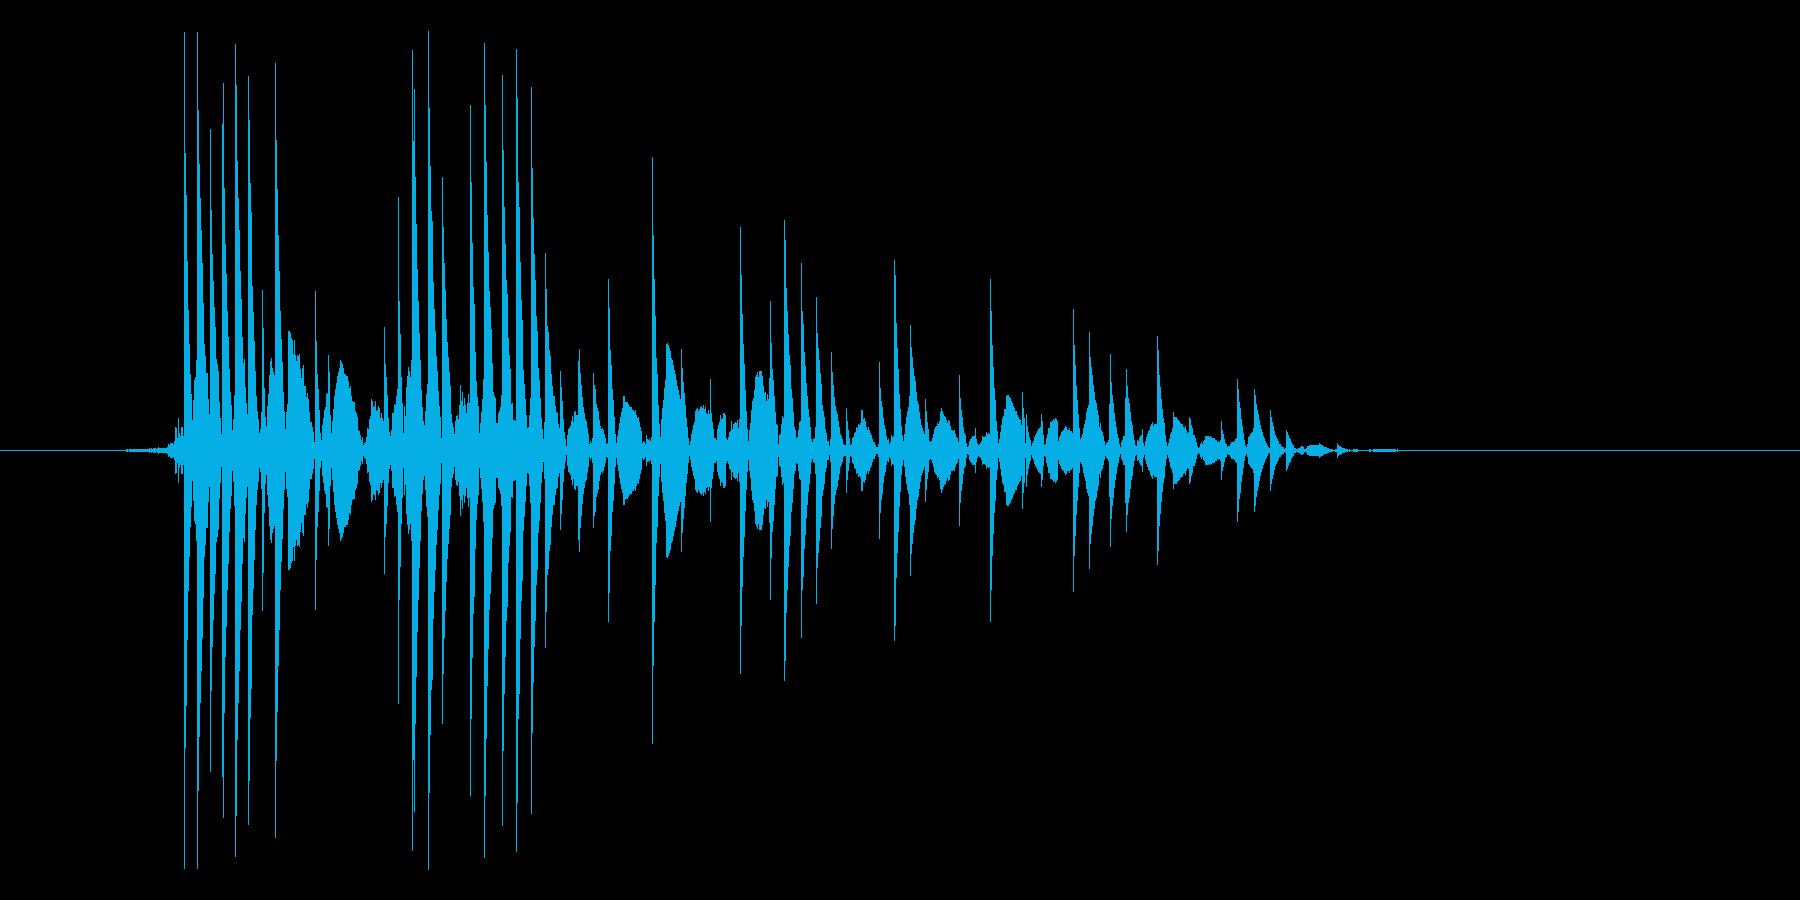 ゲーム(ファミコン風)爆発音_024の再生済みの波形